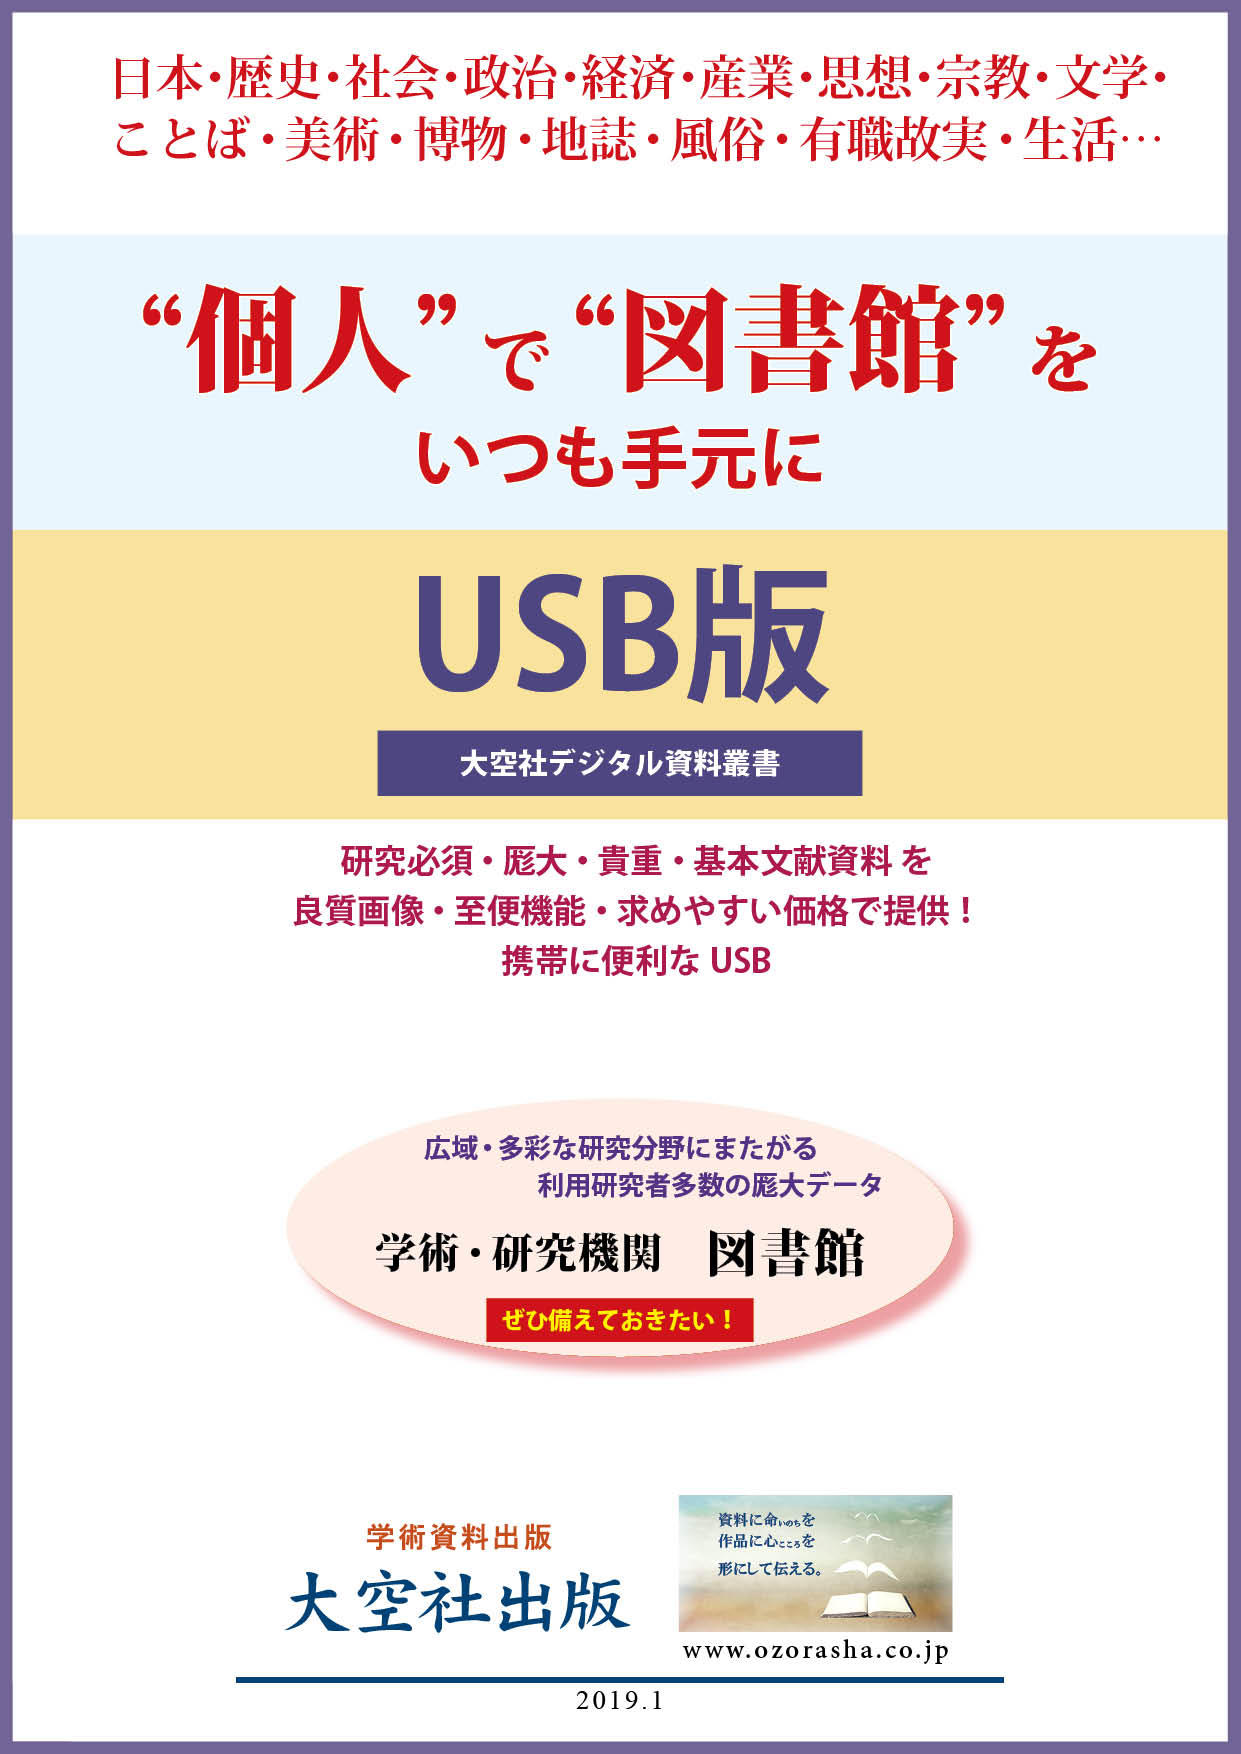 USB版デジタル資料叢書